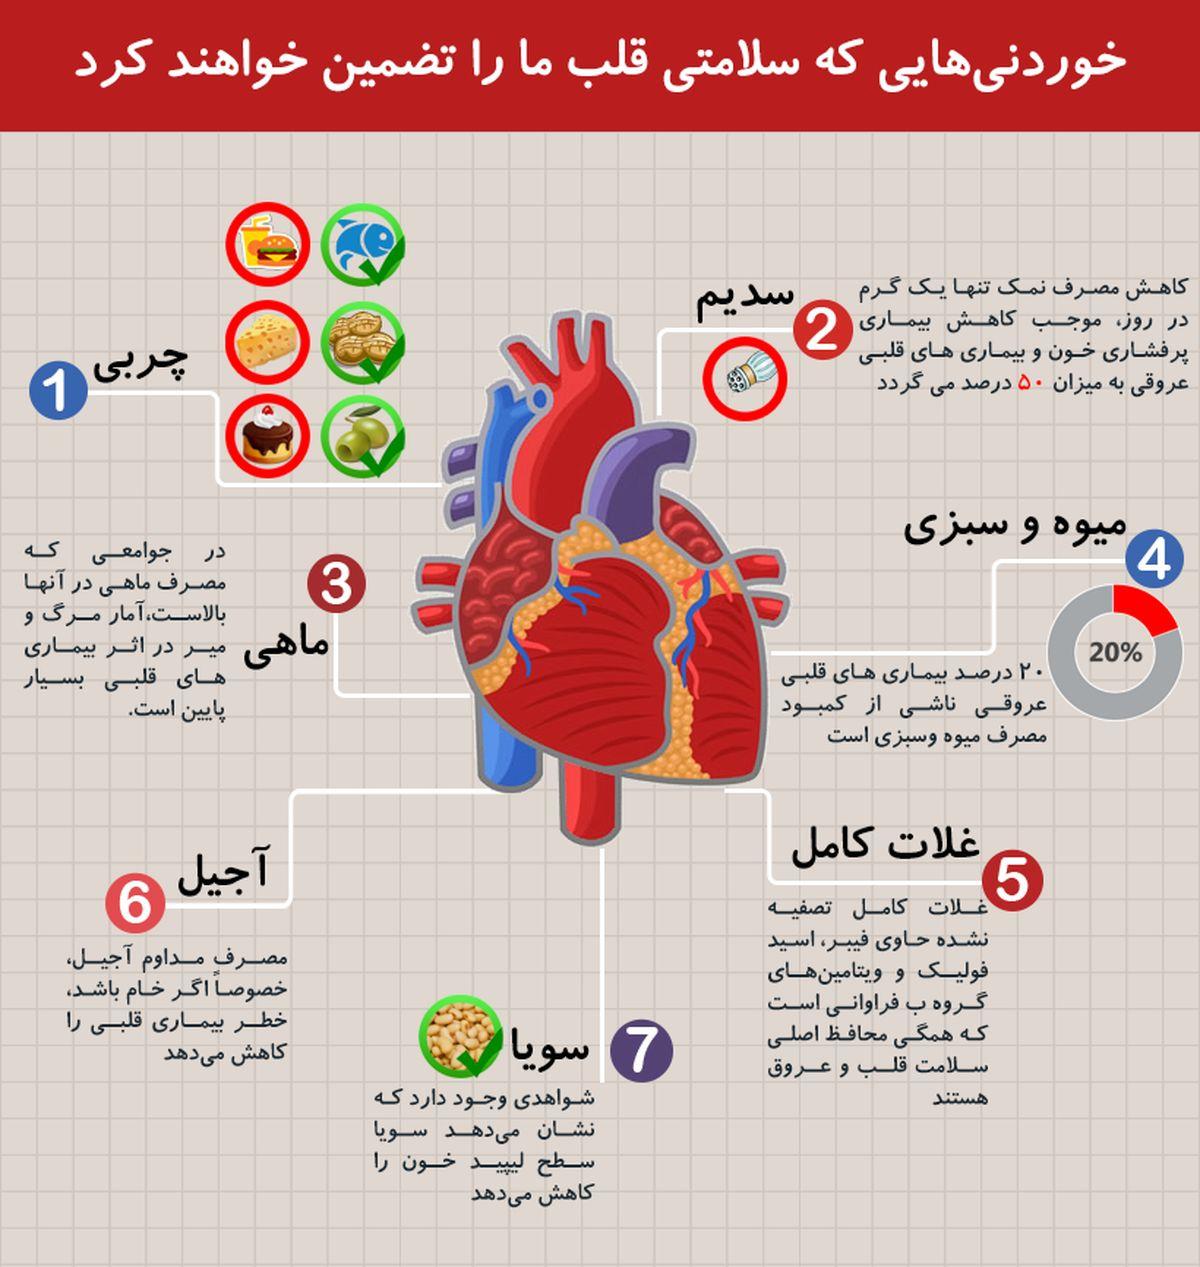 چه چیزی برای قلب مفید است ؟